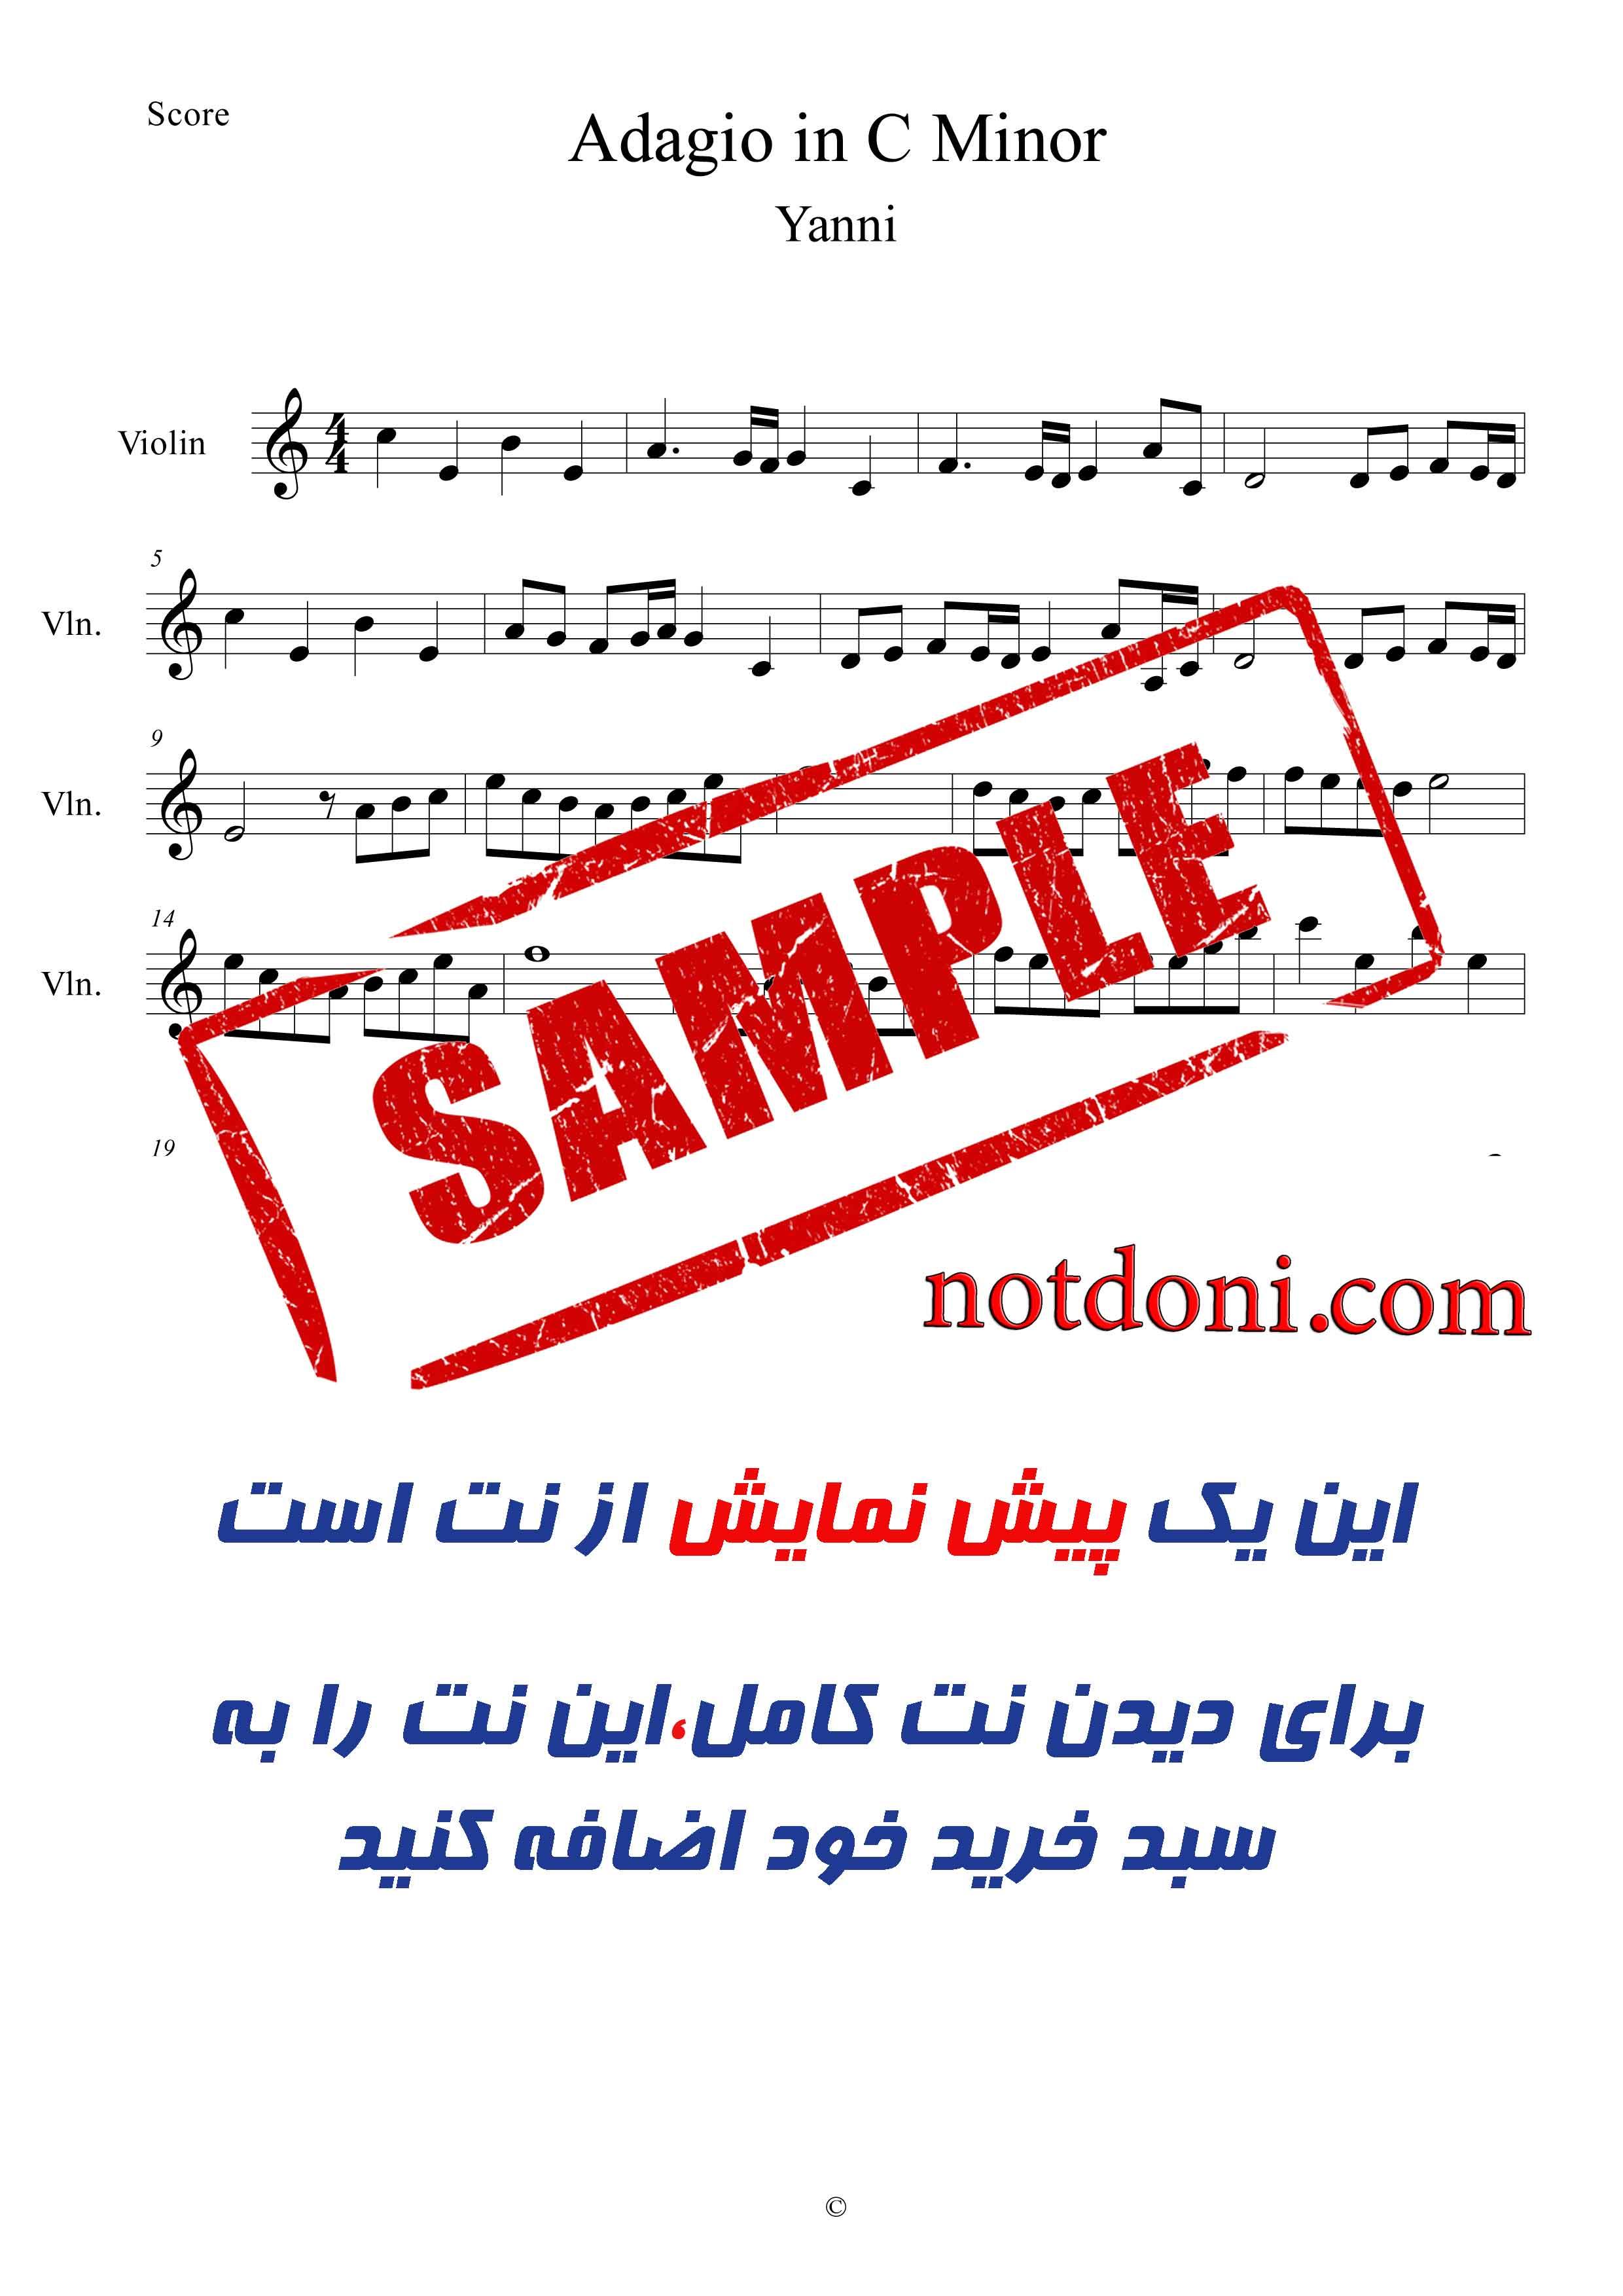 27e64626-21f6-4646-9959-6ac61d85d26a_دمو.jpg